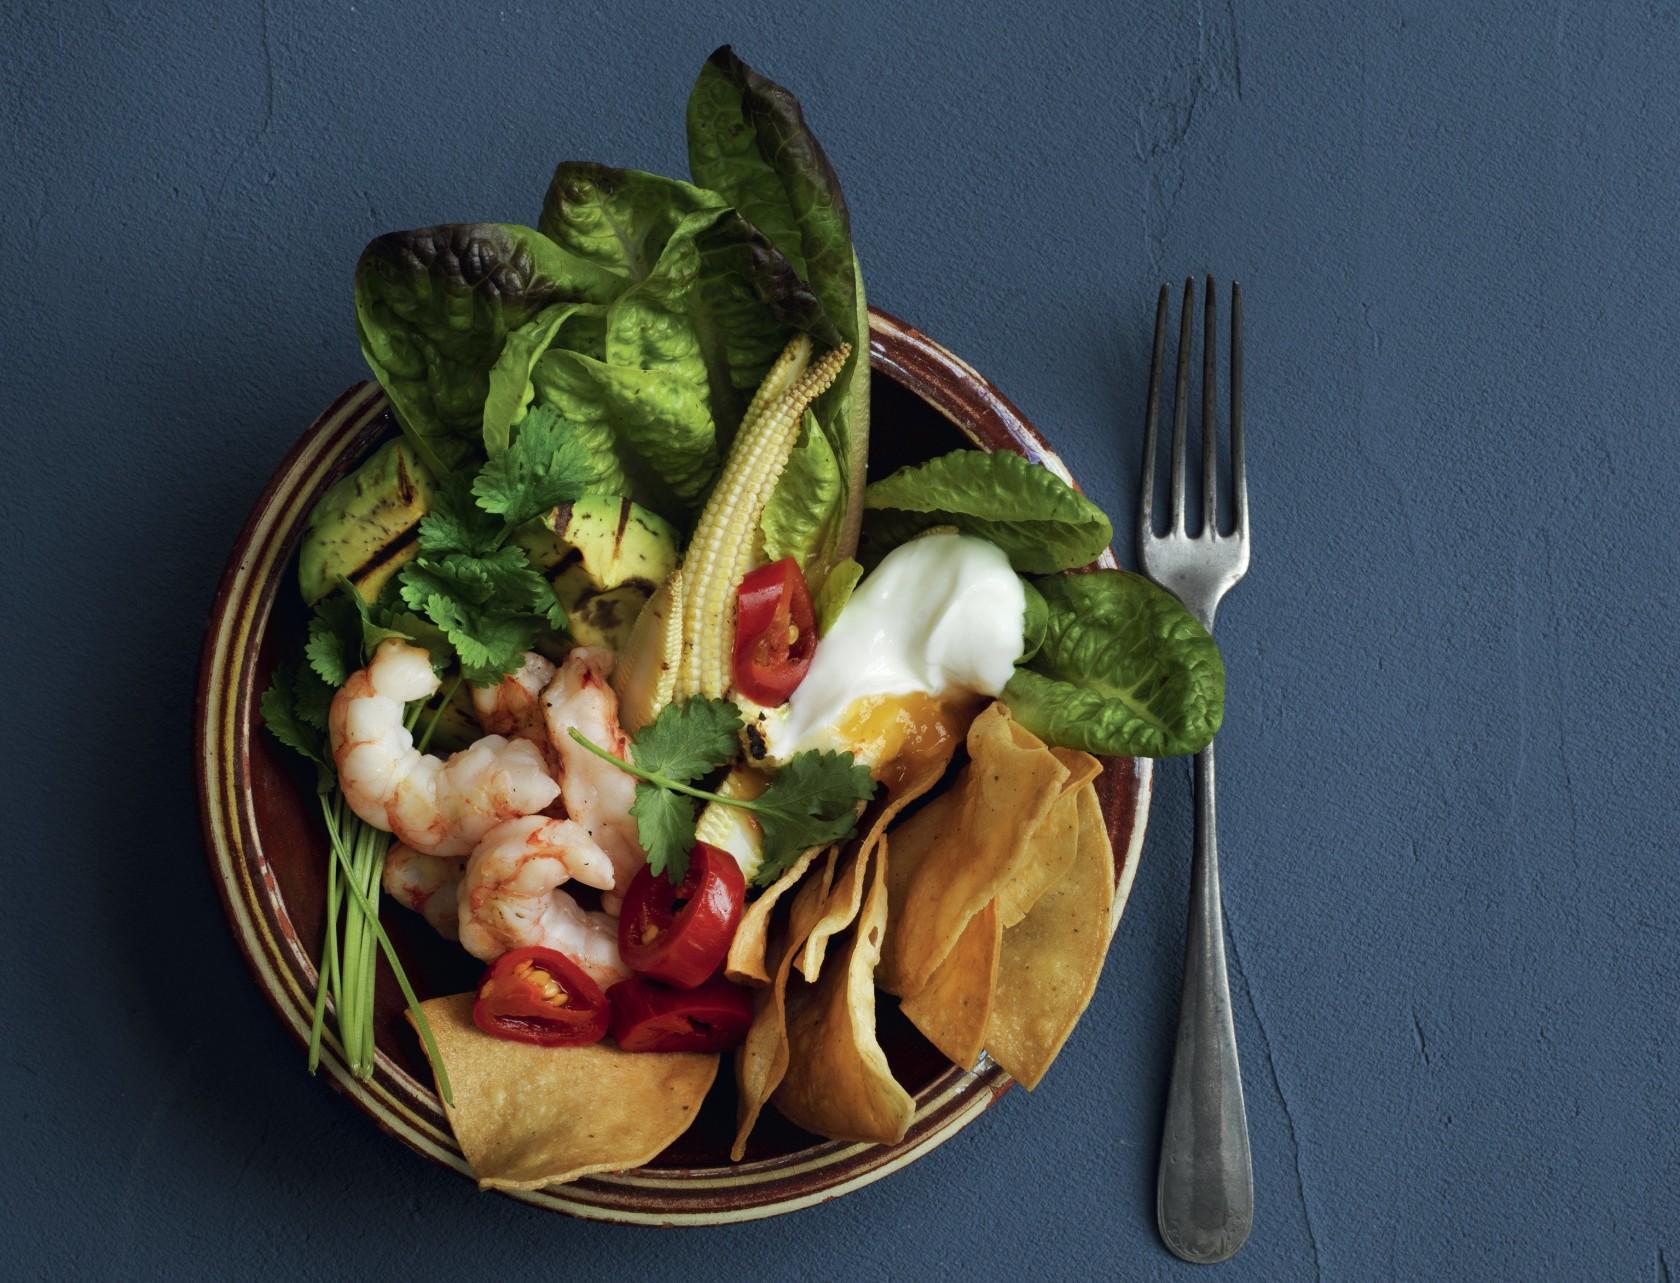 Nacho-bowl med rejer og avocado - lækker opskrift på god mad.